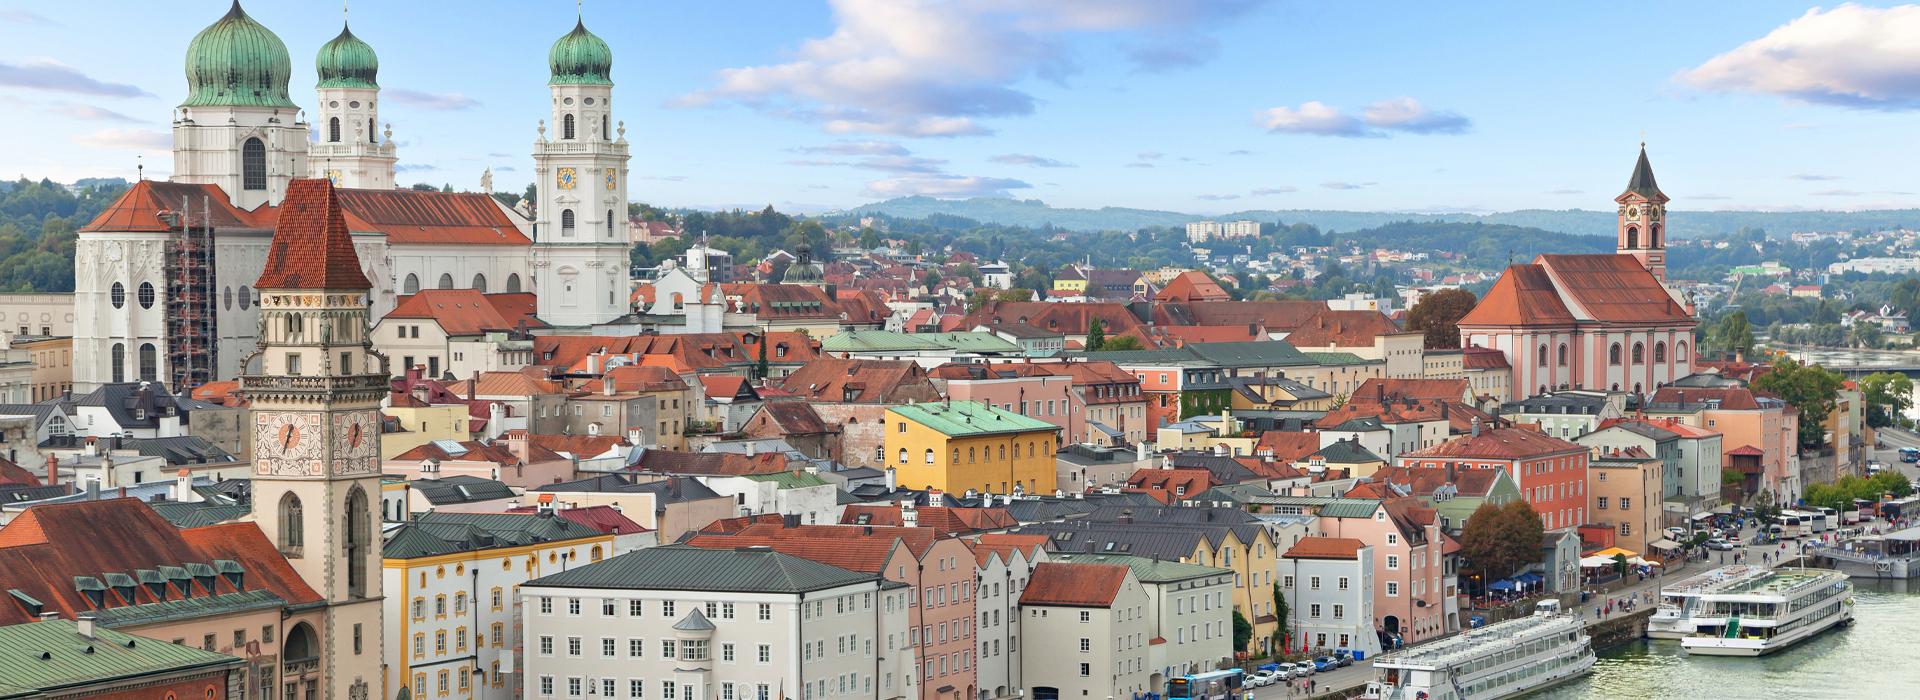 CMD aix Standort Passau